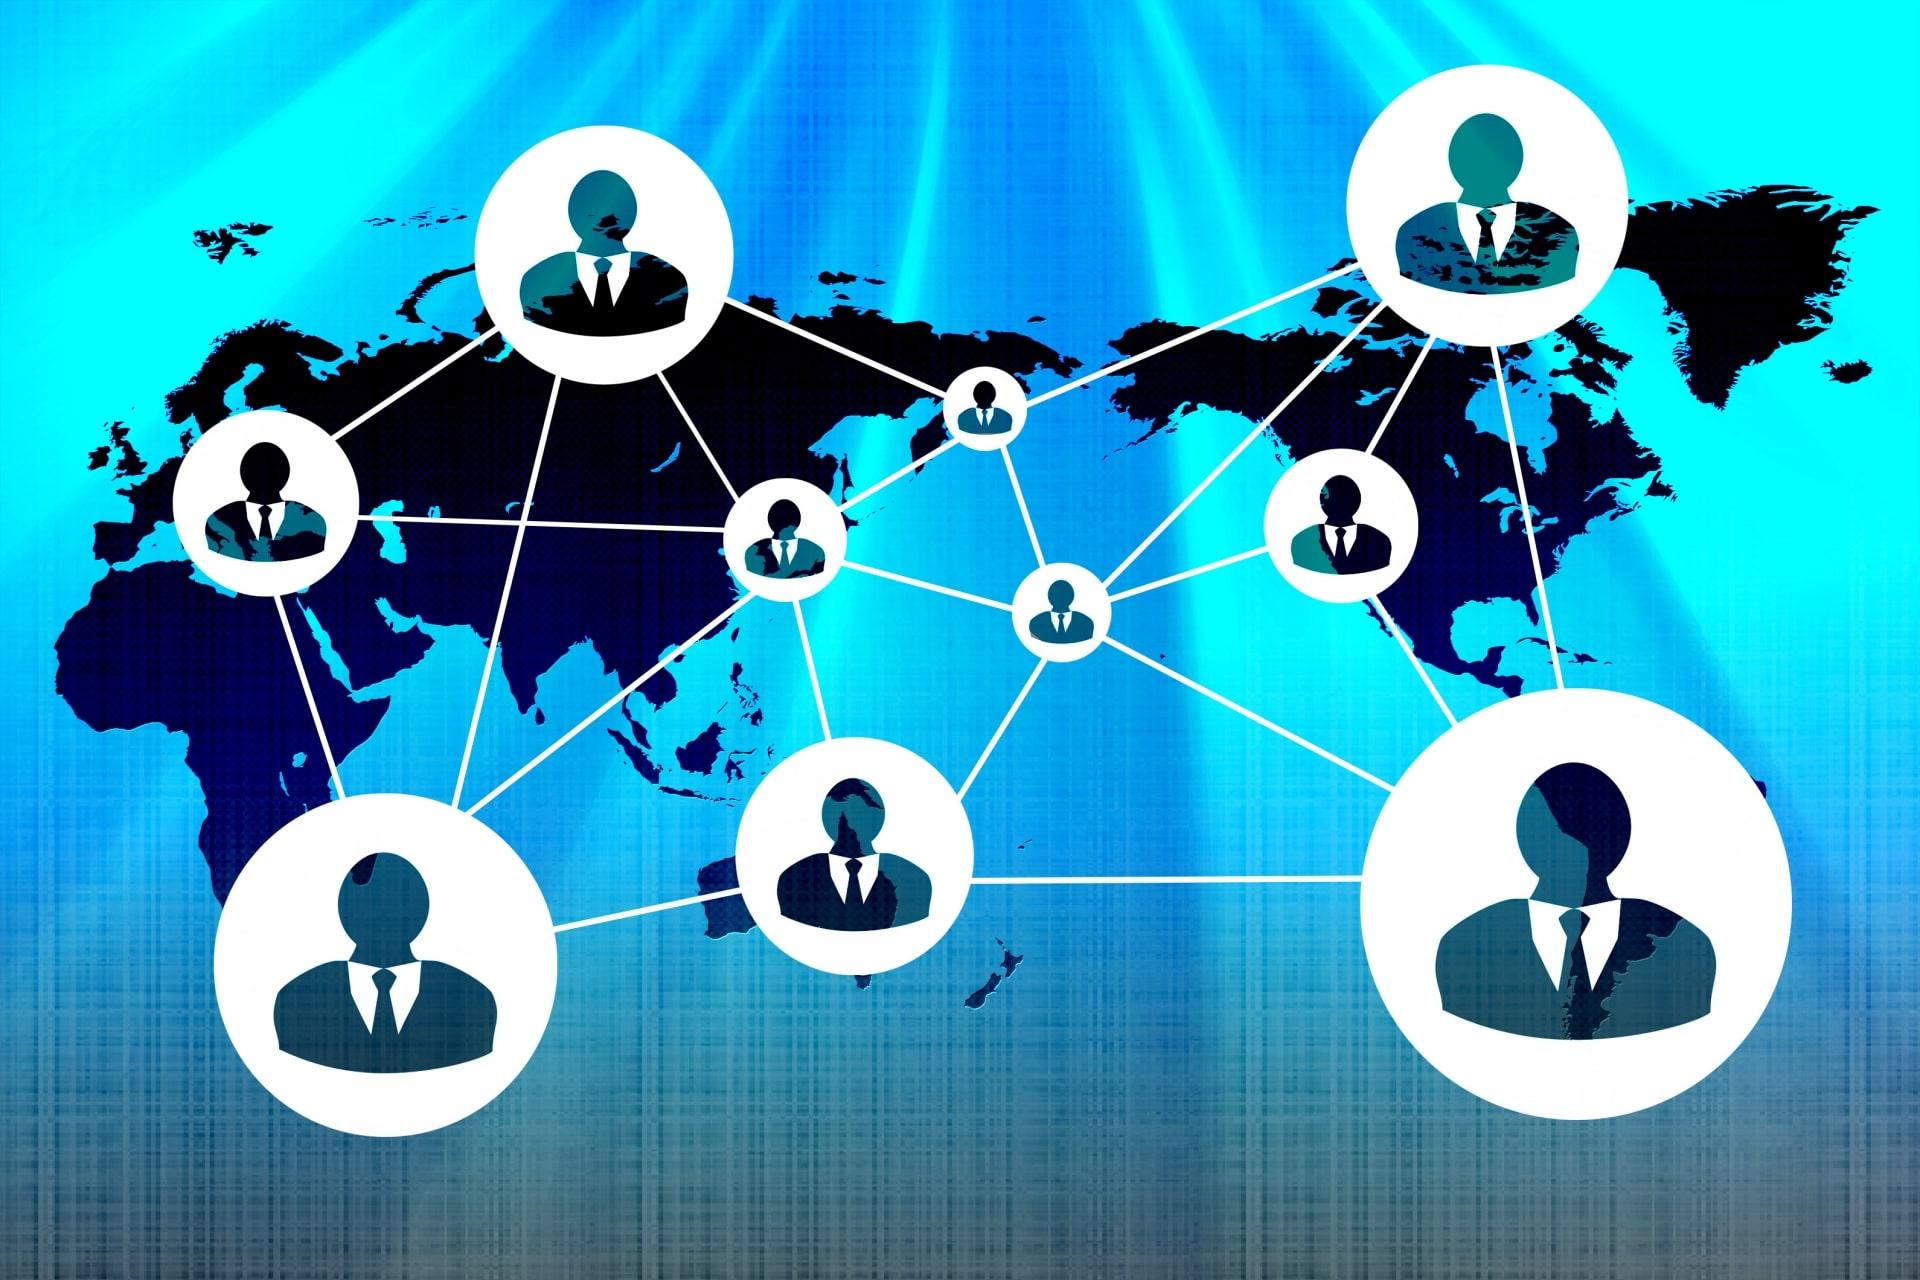 世界を結ぶネットワーク